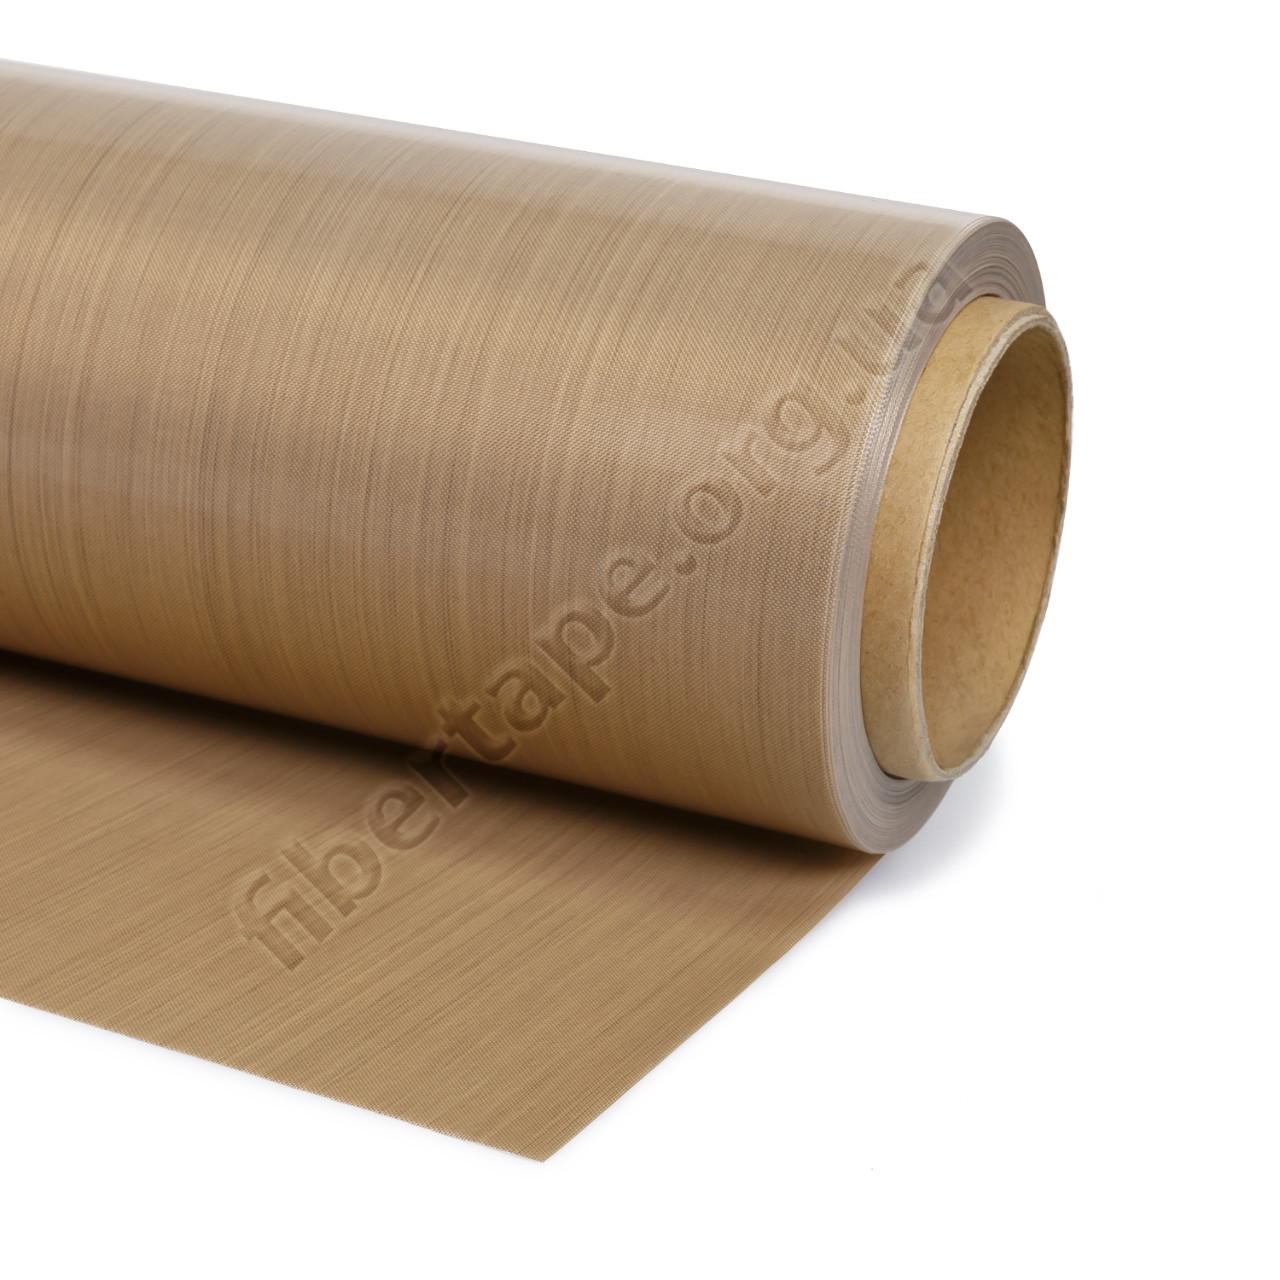 Тефлоновая лента (пленка) на кевларовой основе 150 микрон